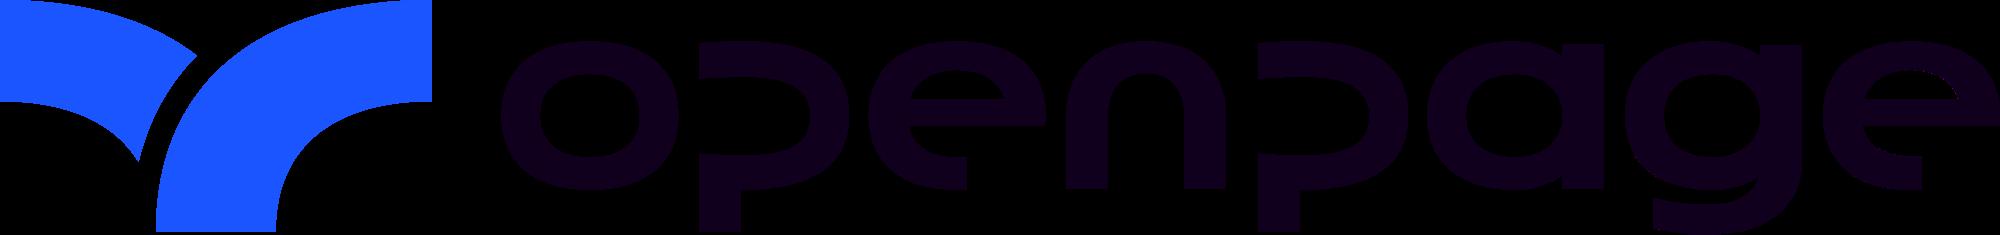 株式会社openpageの企業ロゴ